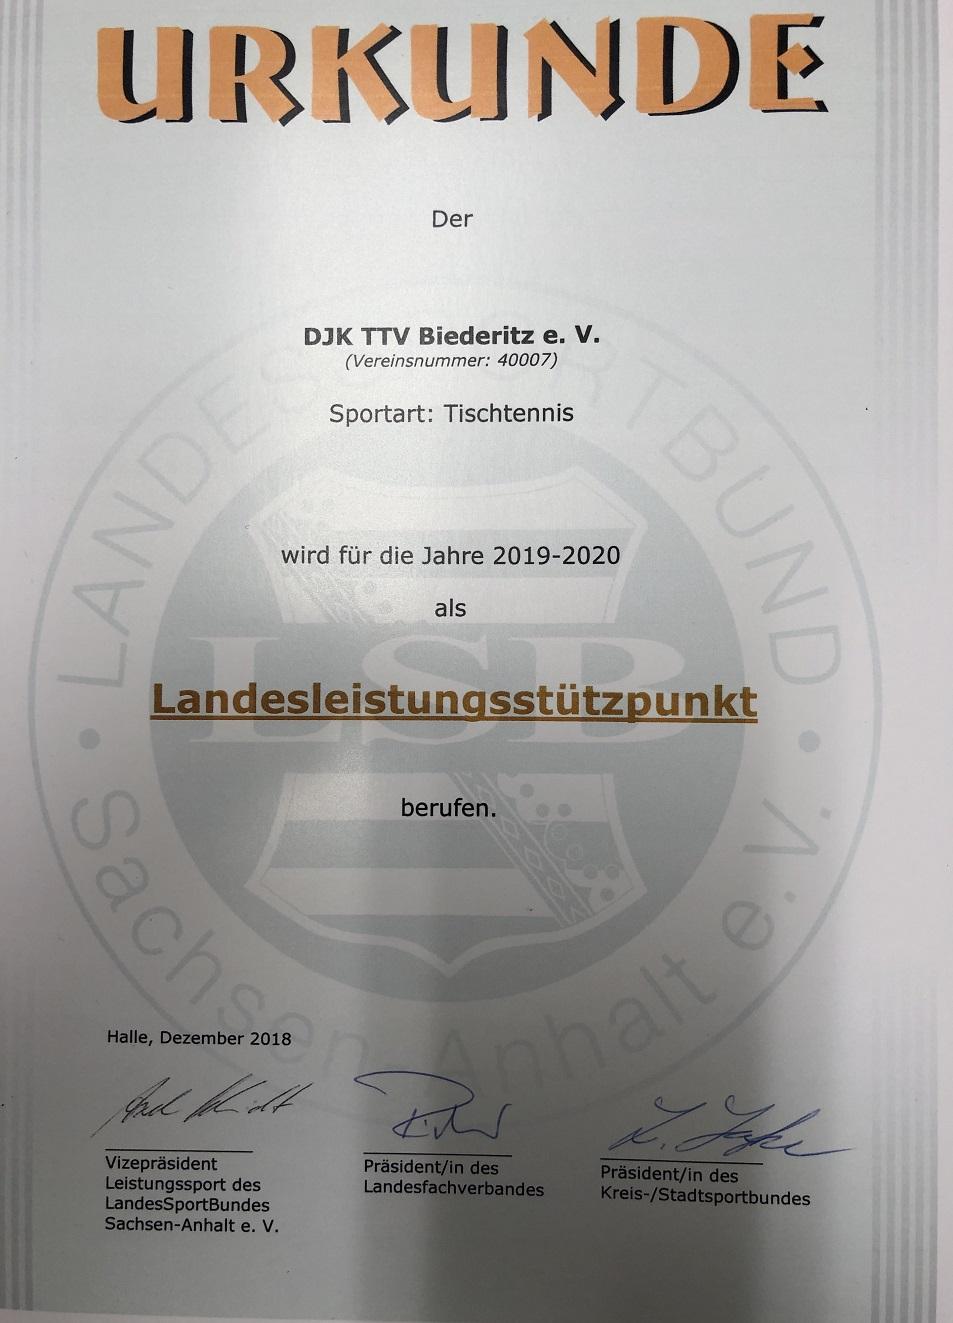 DJK TTV Biederitz verlängert TTVSA Landesleistungsstützpunktstatus für die Jahre 2019+2020